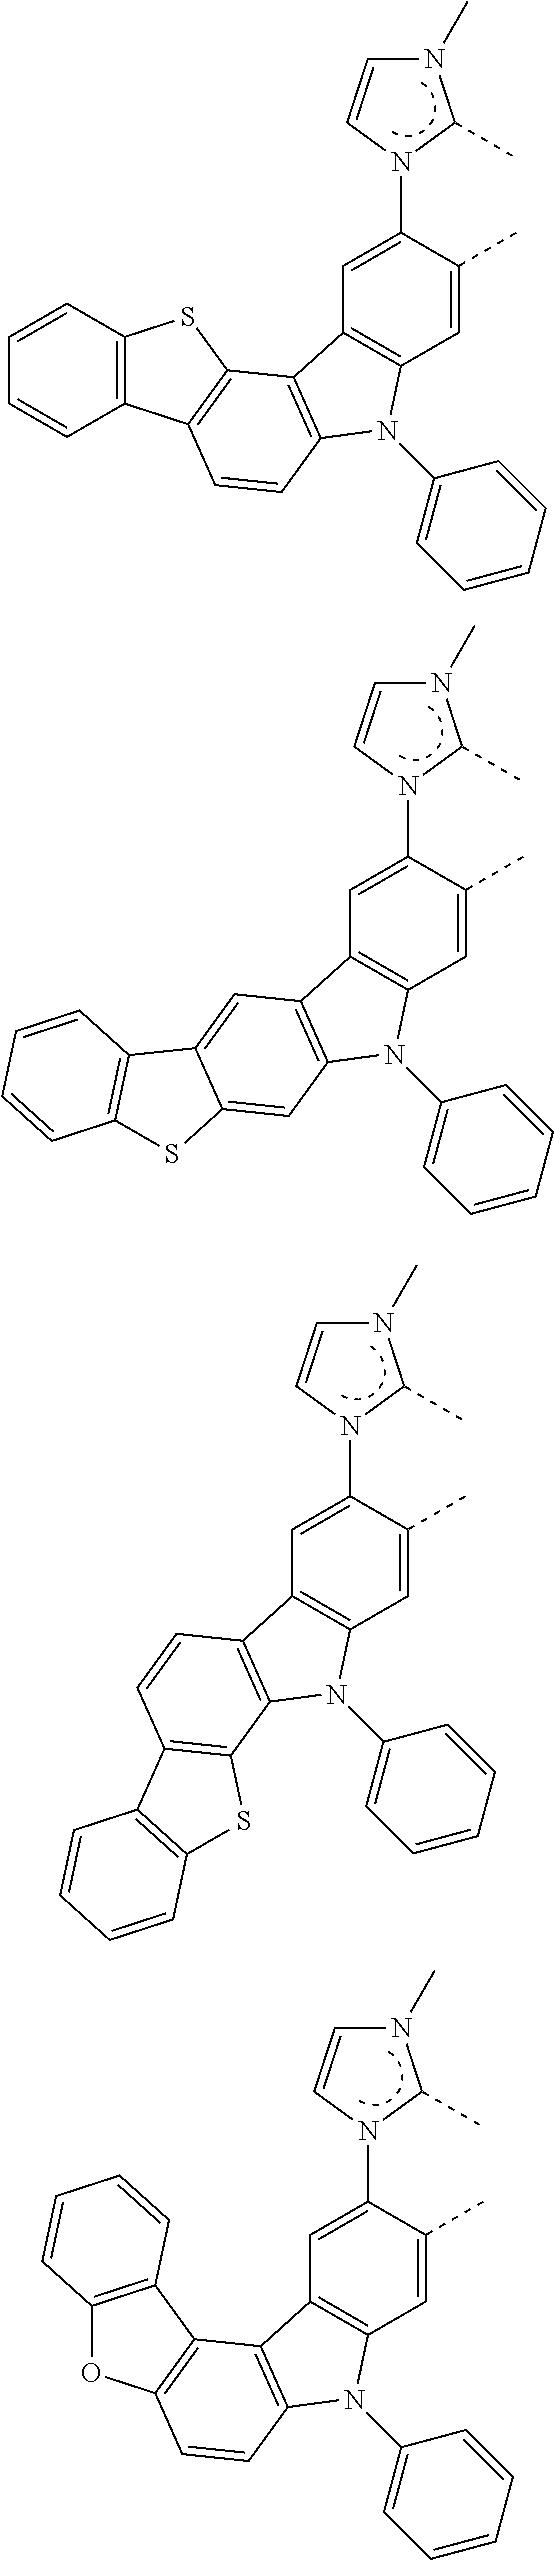 Figure US09773985-20170926-C00019